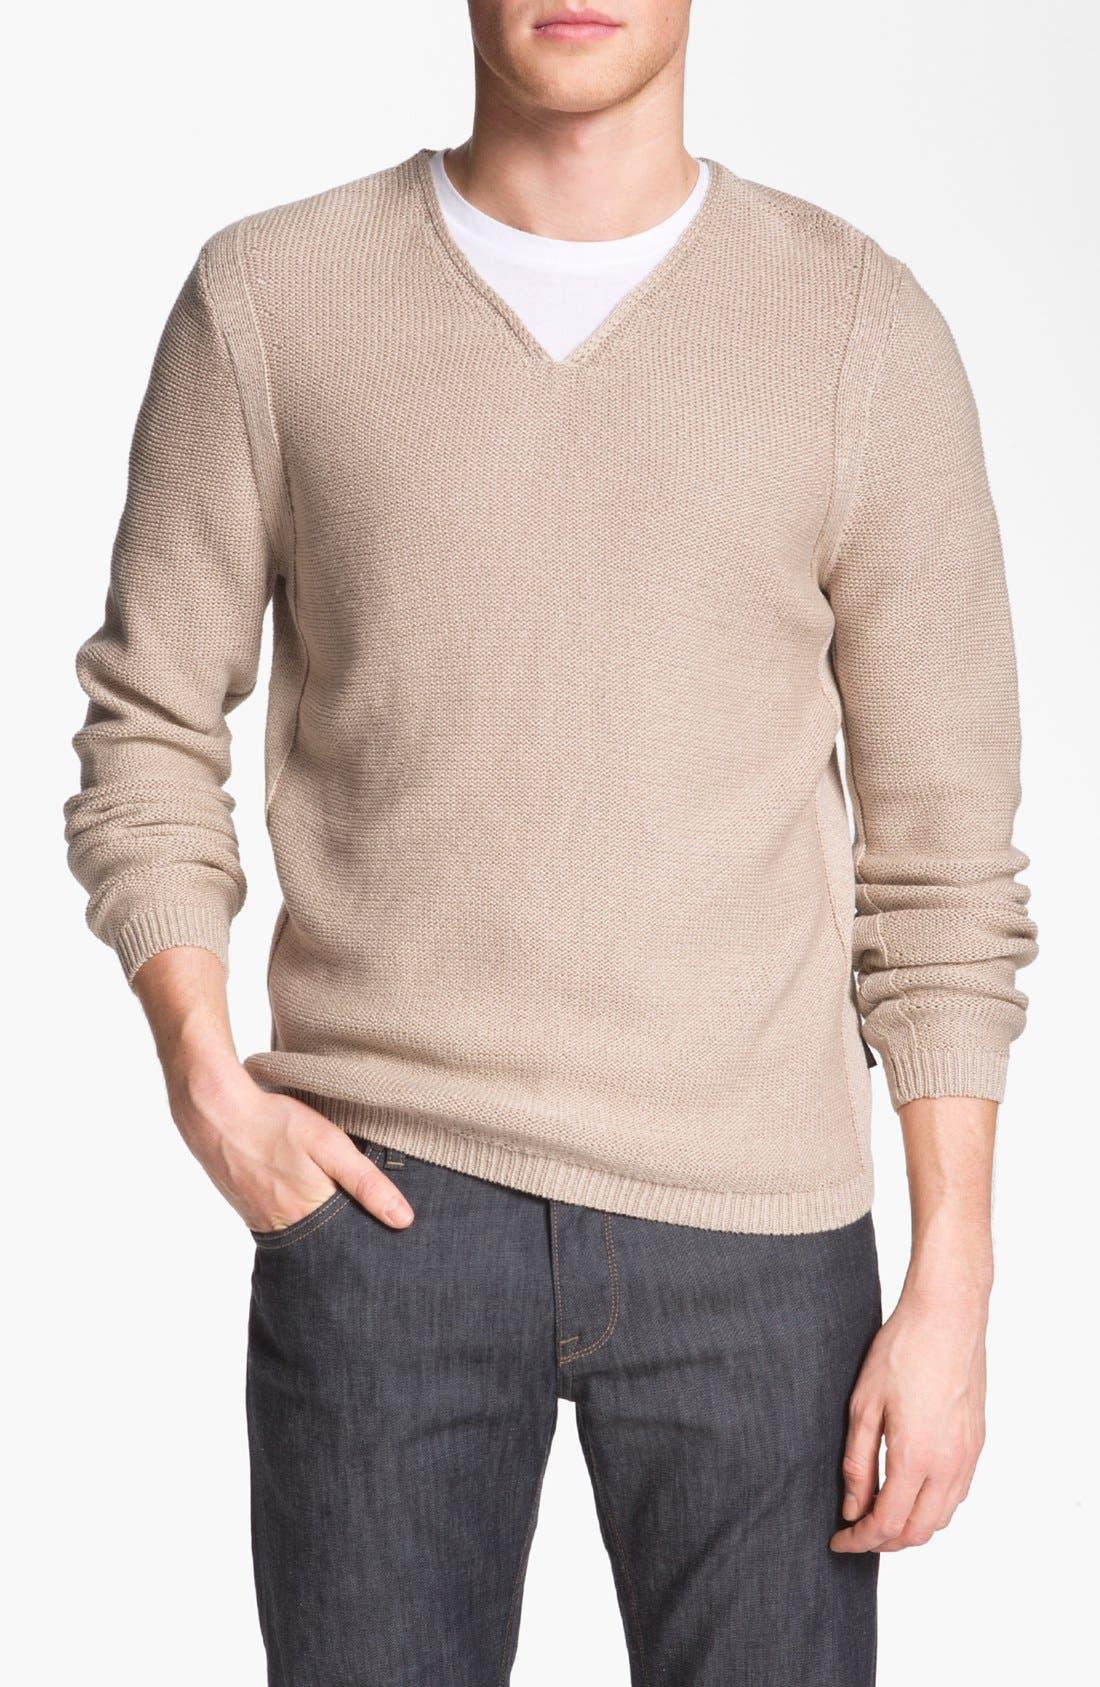 Alternate Image 1 Selected - BOSS HUGO BOSS 'Filip' Sweater